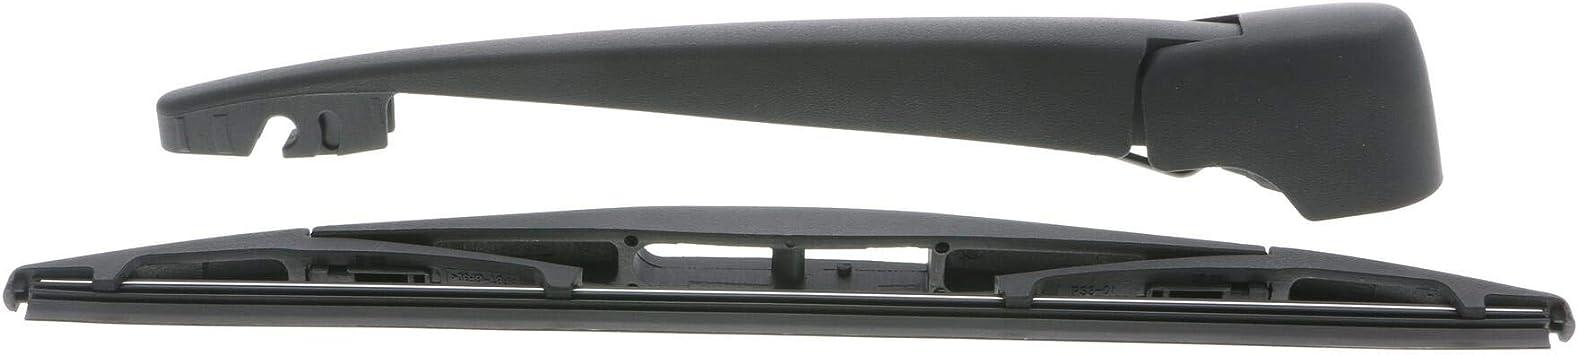 Window Cleaning Wiper Arm Set Rear VAICO Fits BMW X5 F15 F85 7294431